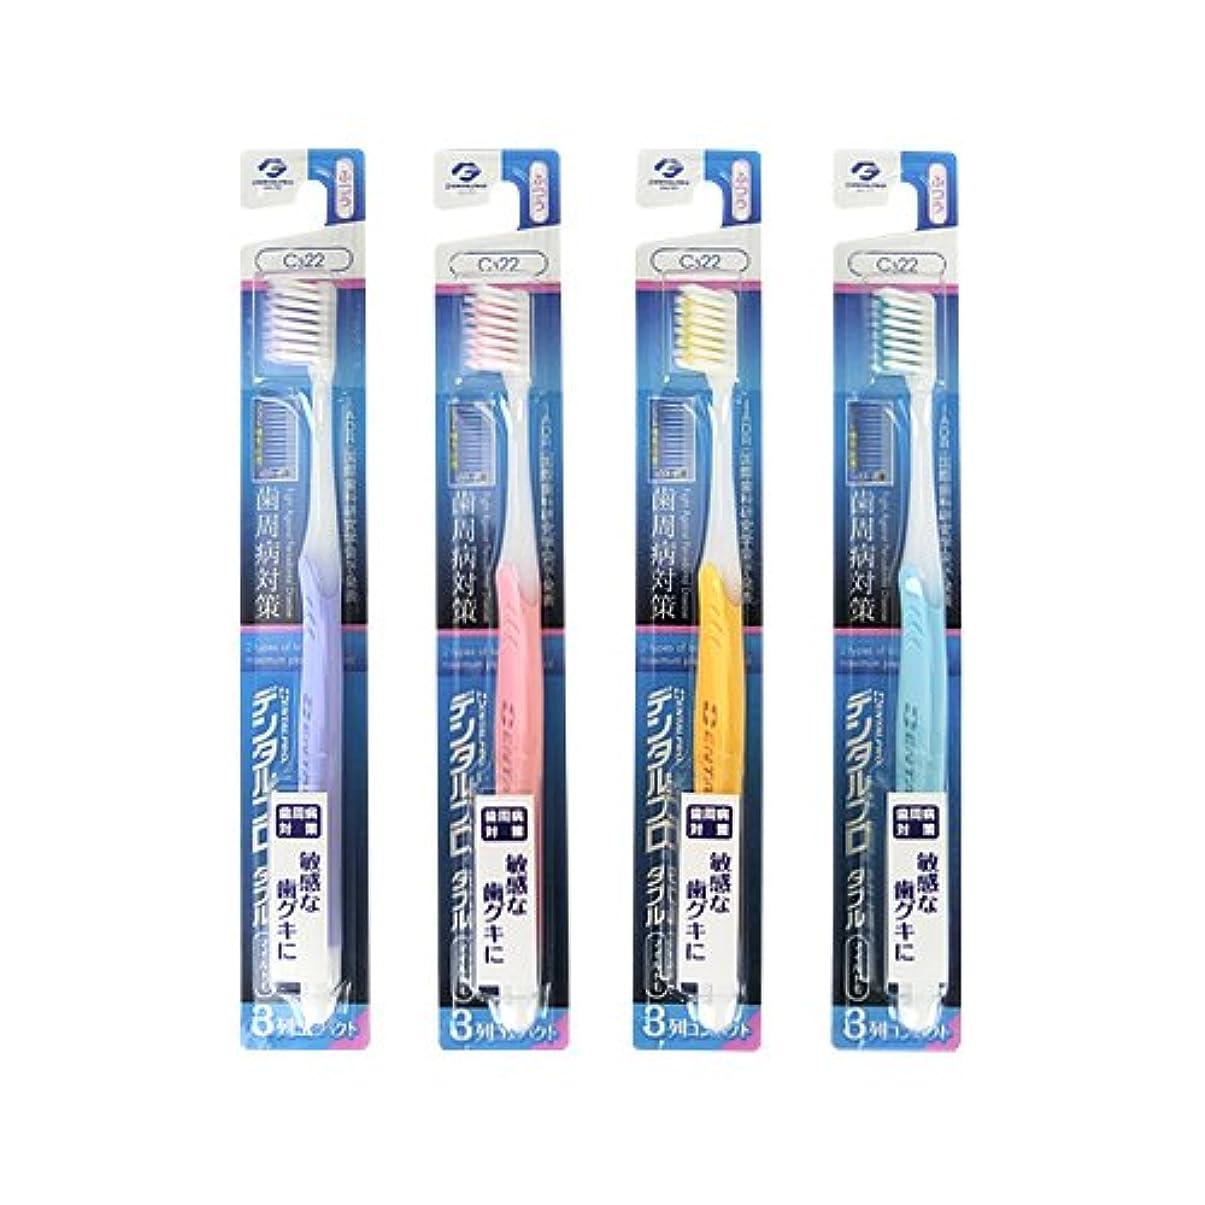 サンダー装備するキルスデンタルプロ ダブル マイルド 3列 歯ブラシ 1本 ふつう カラー指定なし